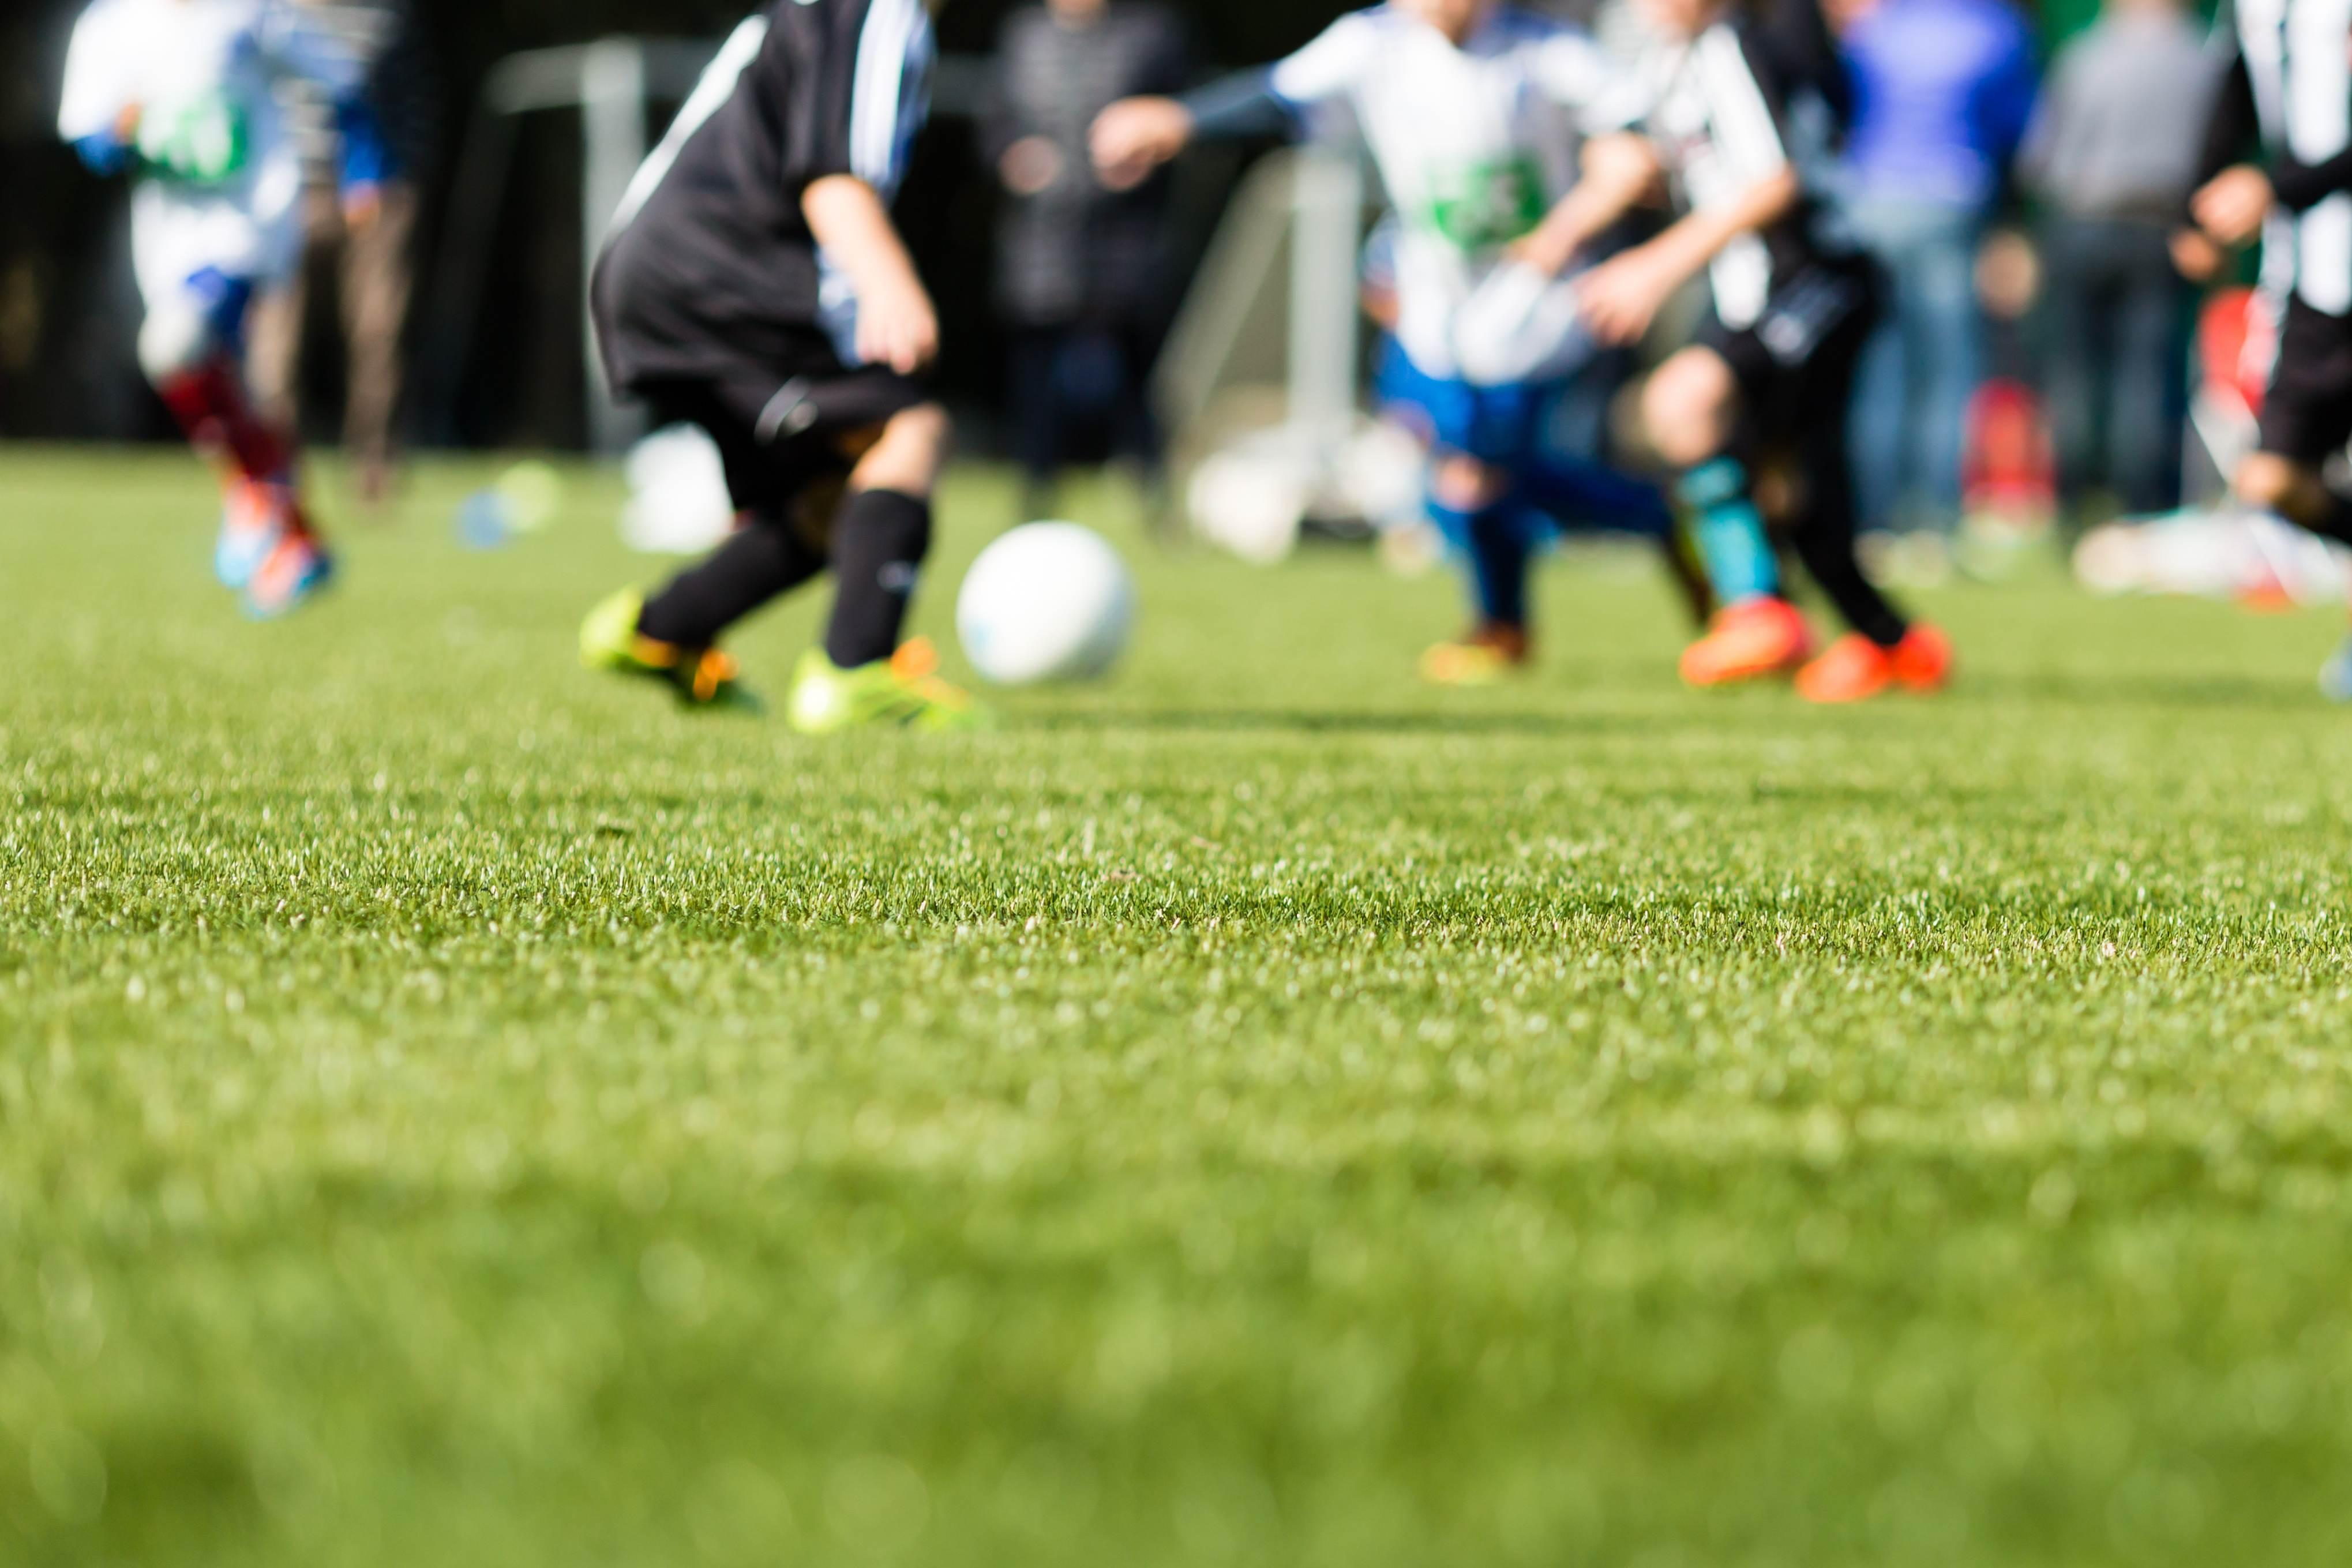 Aulas de futebol, natação e capoeira são ministradas gratuitamente no Clube do Povo | Foto: Ilustrativa